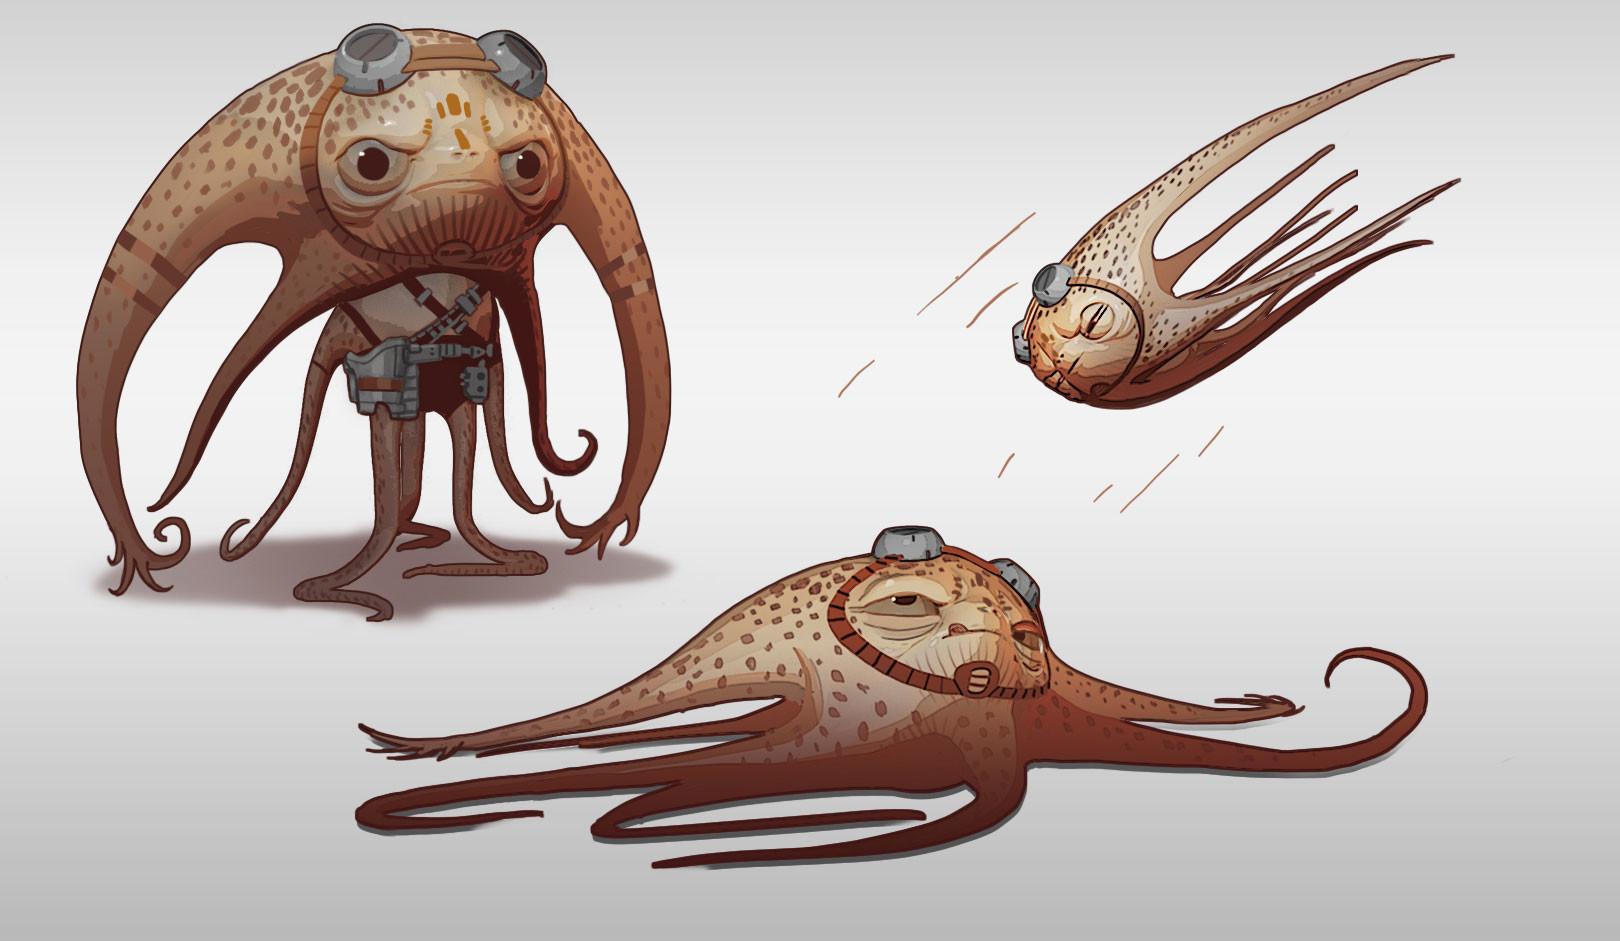 Luis carrasco redcup squidmonkey 02b